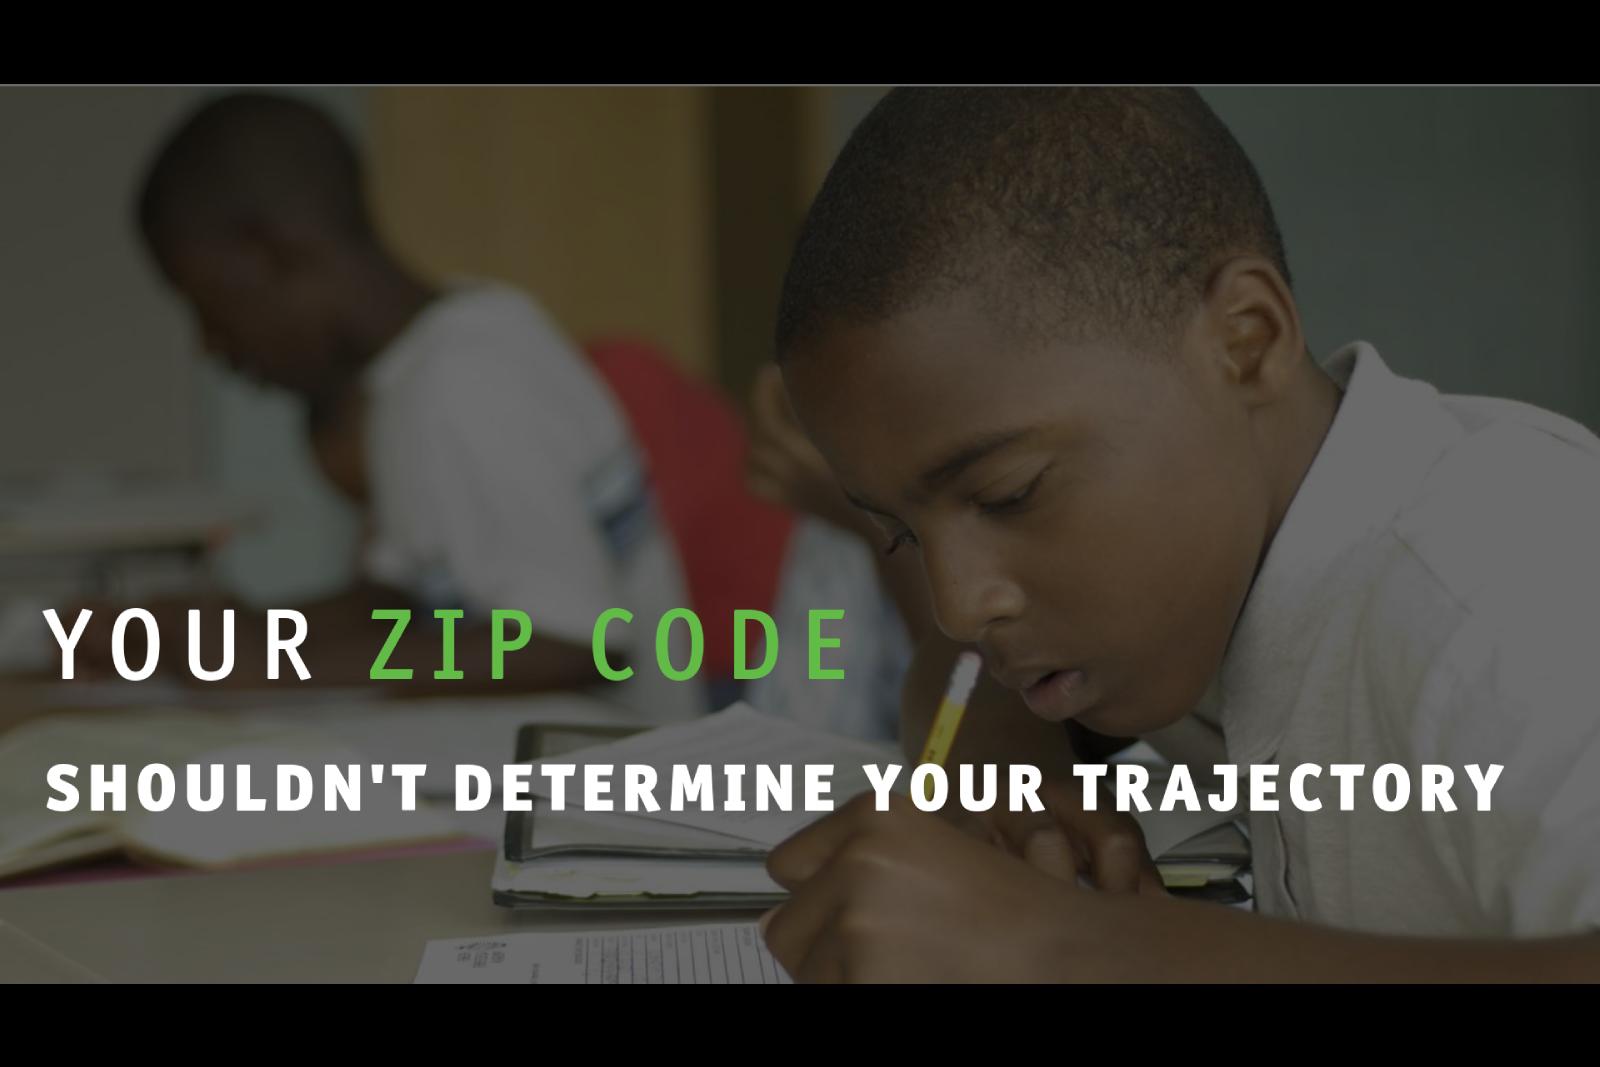 Your zip code shouldn't determine your trajectory